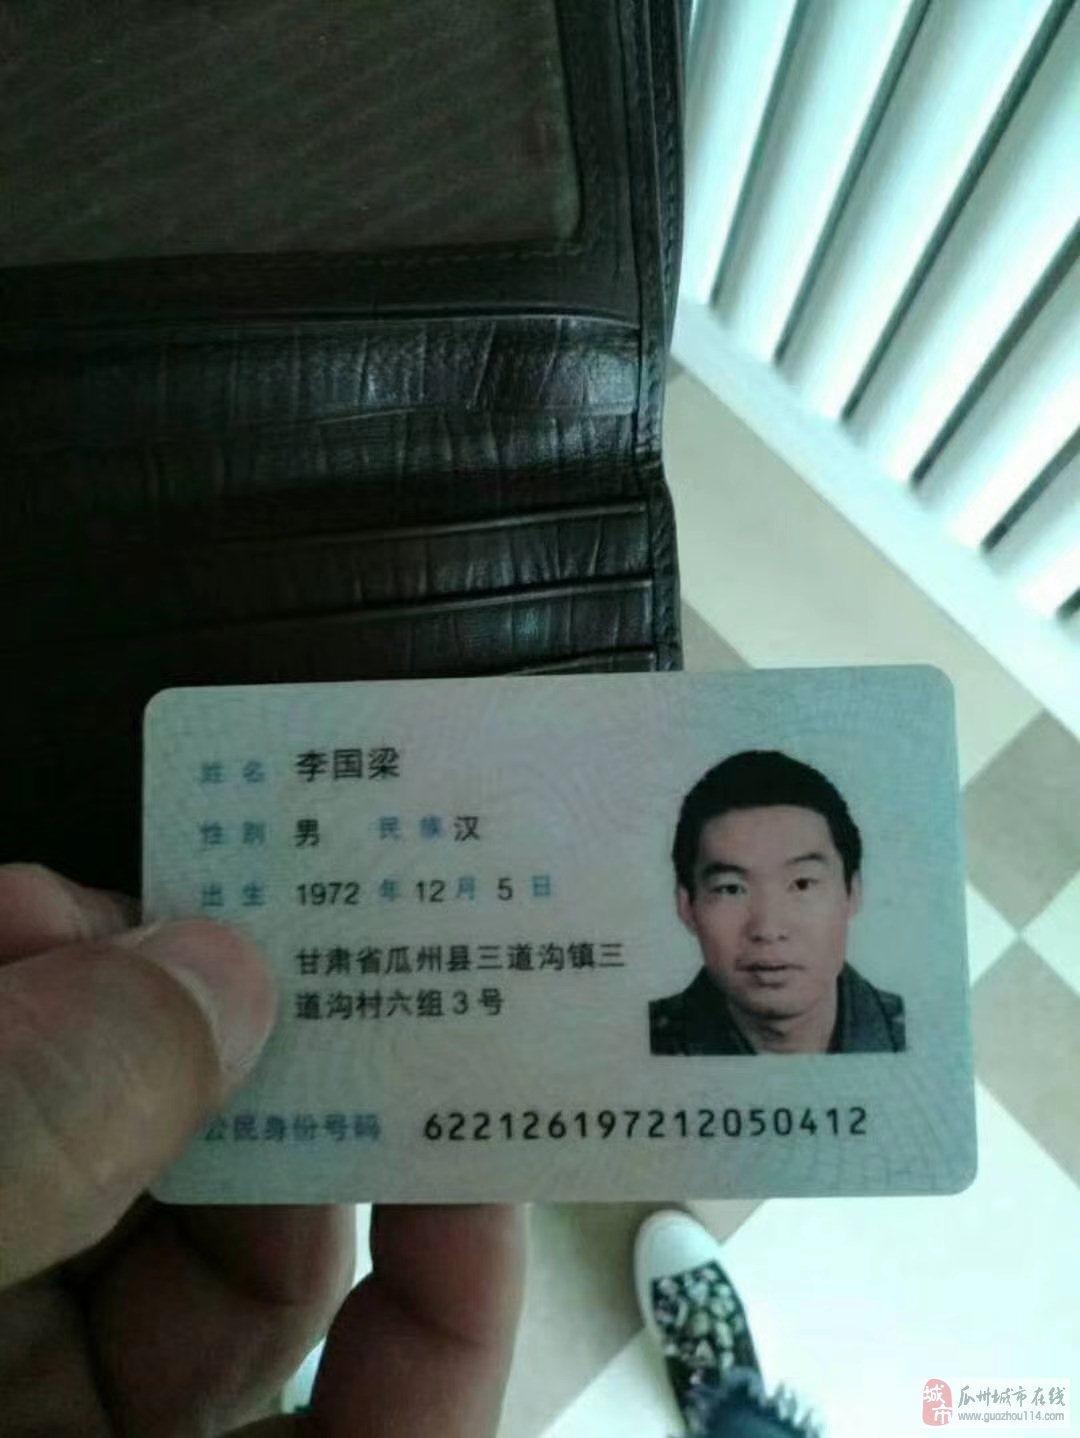 【寻人】李国梁.男.45,于2017年10月16日下午16:30在鑫宇宾馆附近走失,身高176,上身